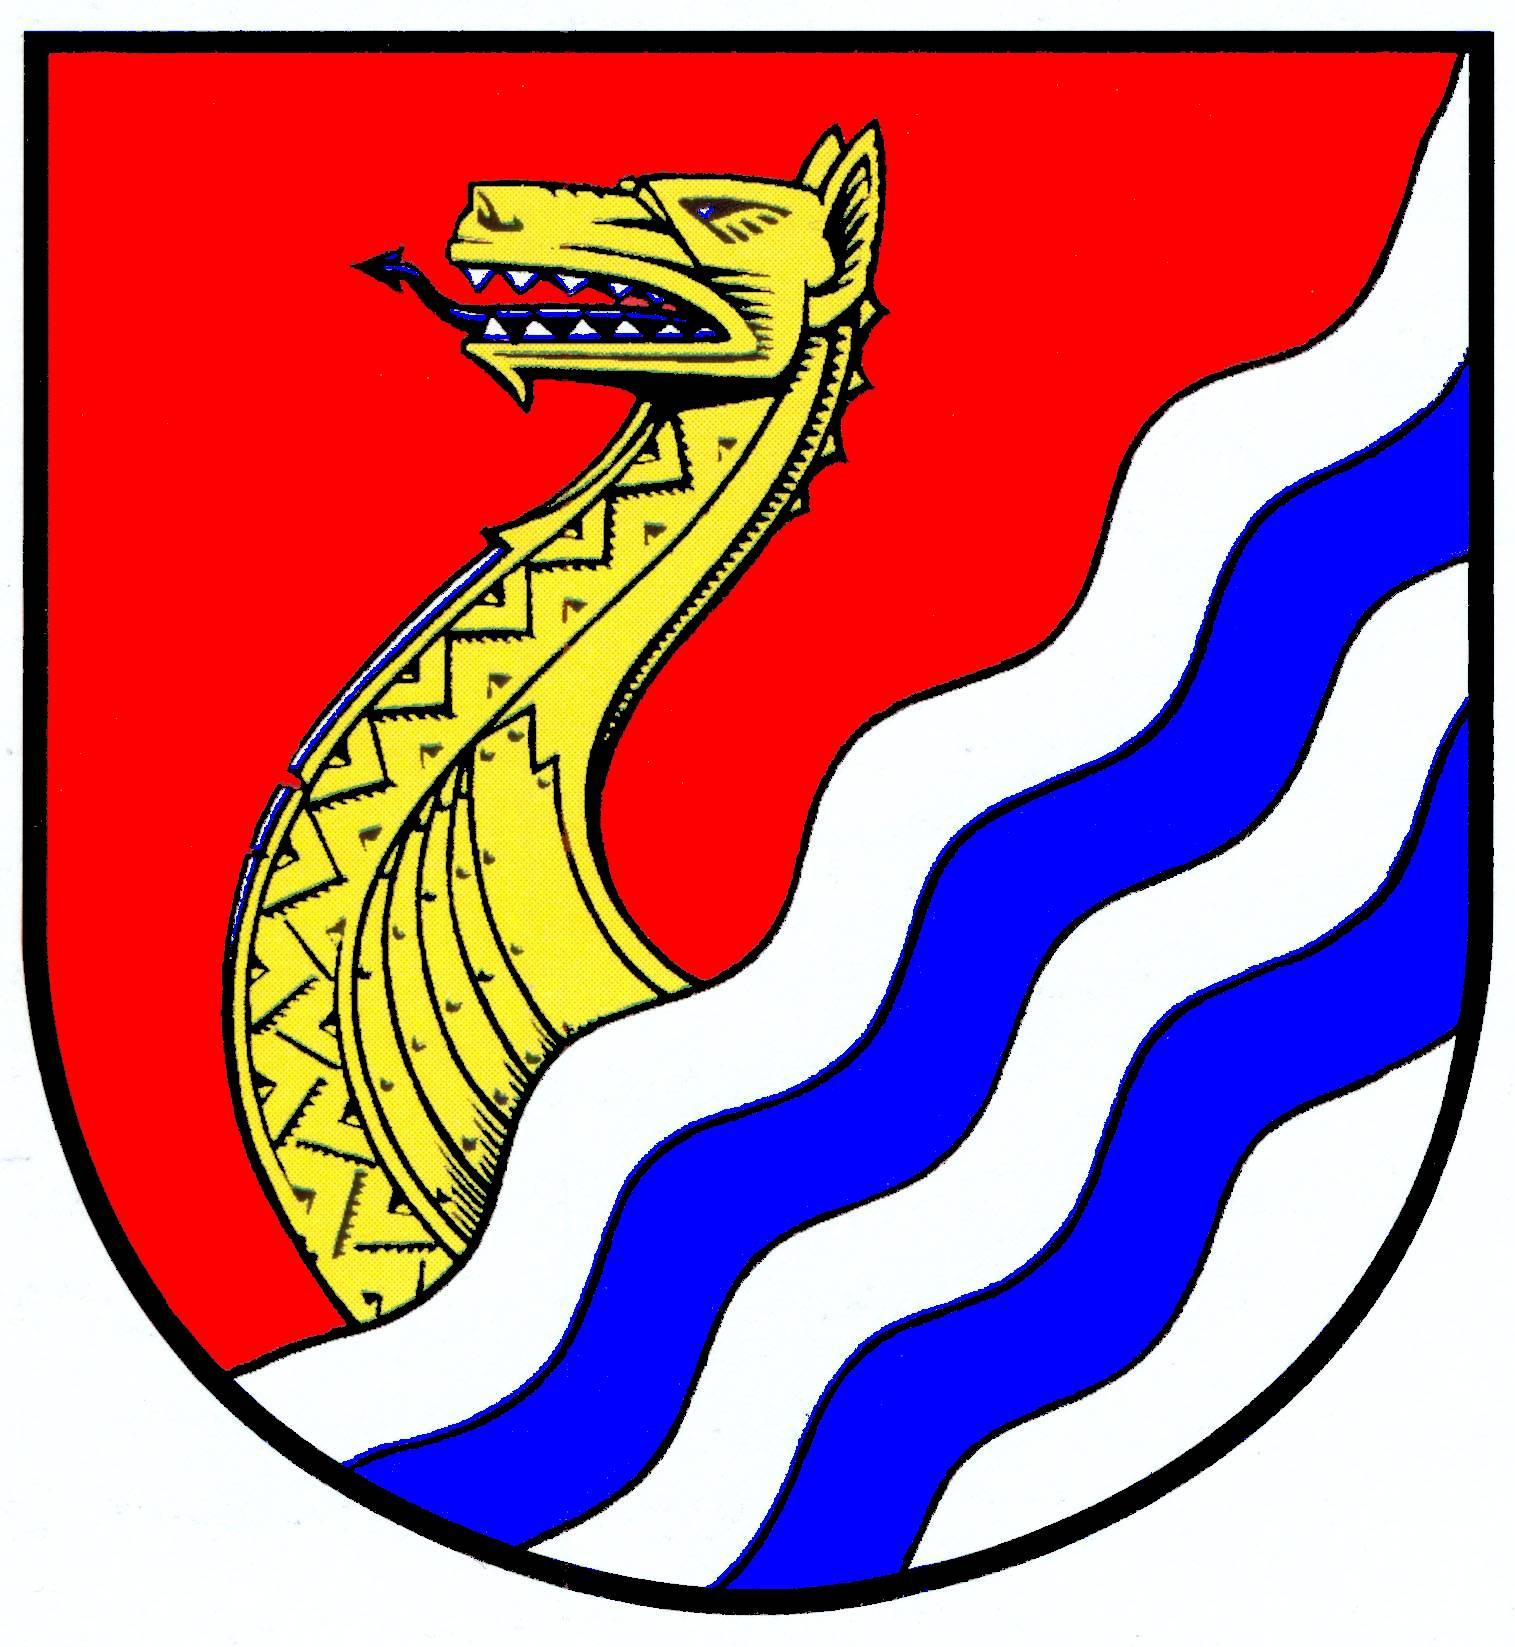 Wappen GemeindeWenningstedt-Braderup, Kreis Nordfriesland